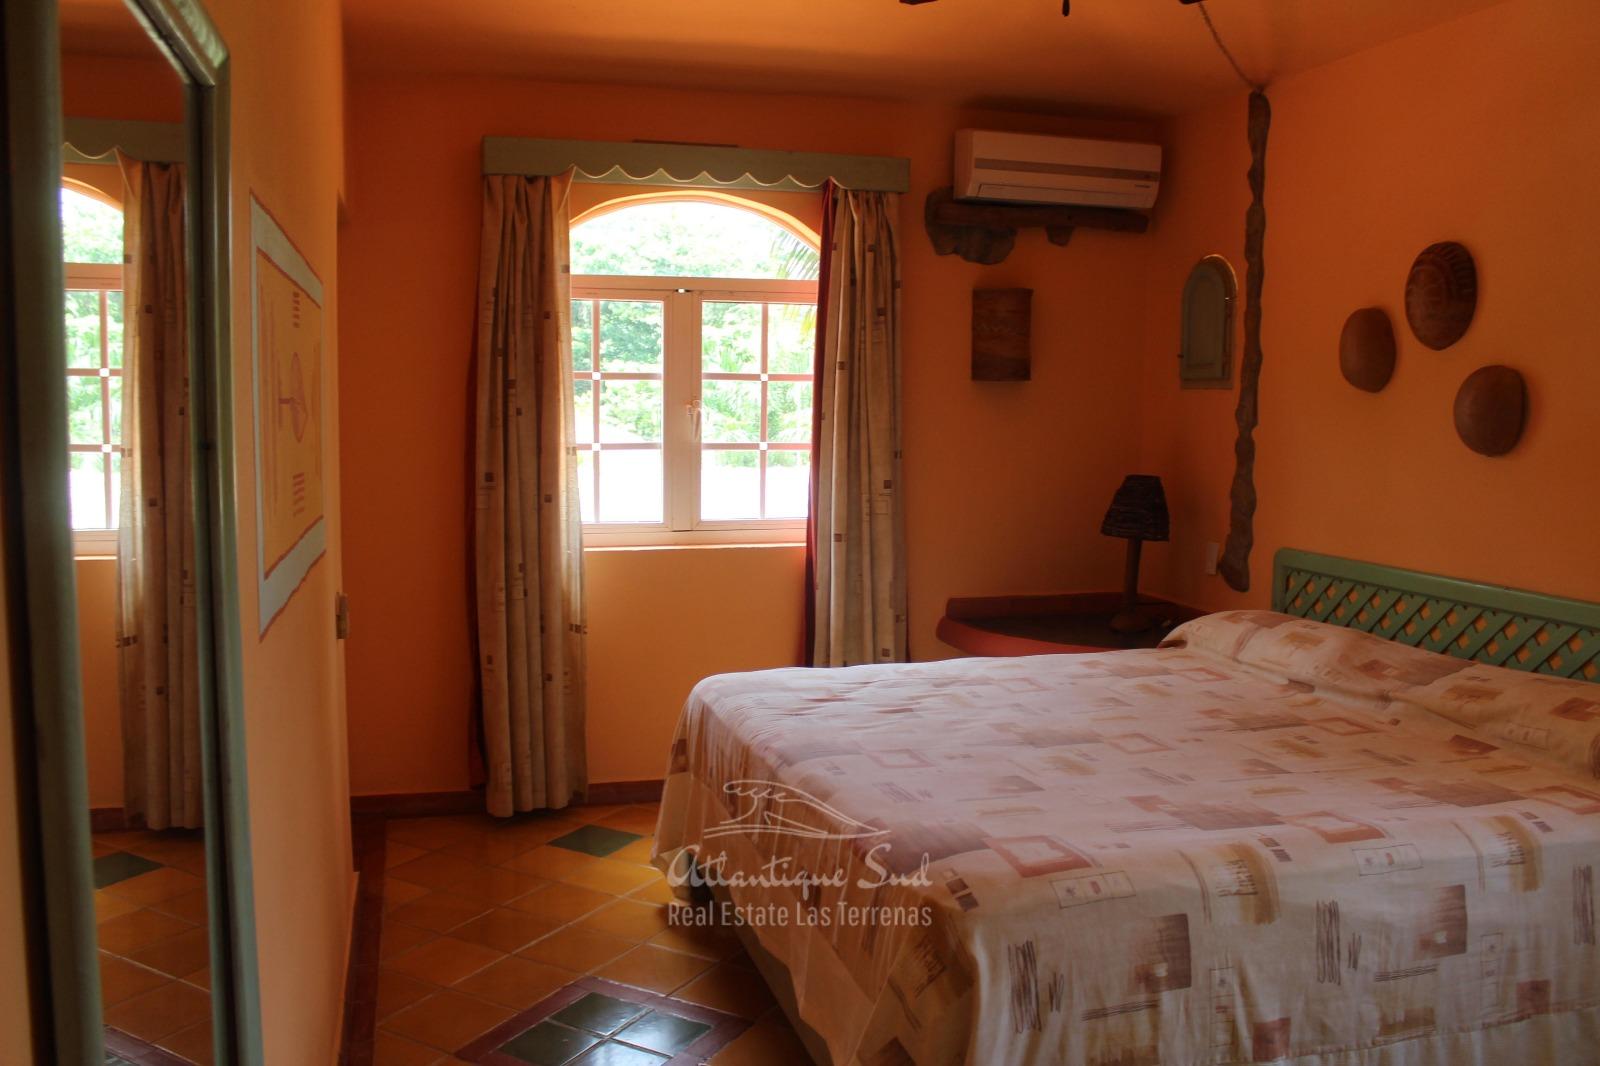 Mediterranean Condominiums for sale Real Estate Las Terrenas 40 (12).jpeg